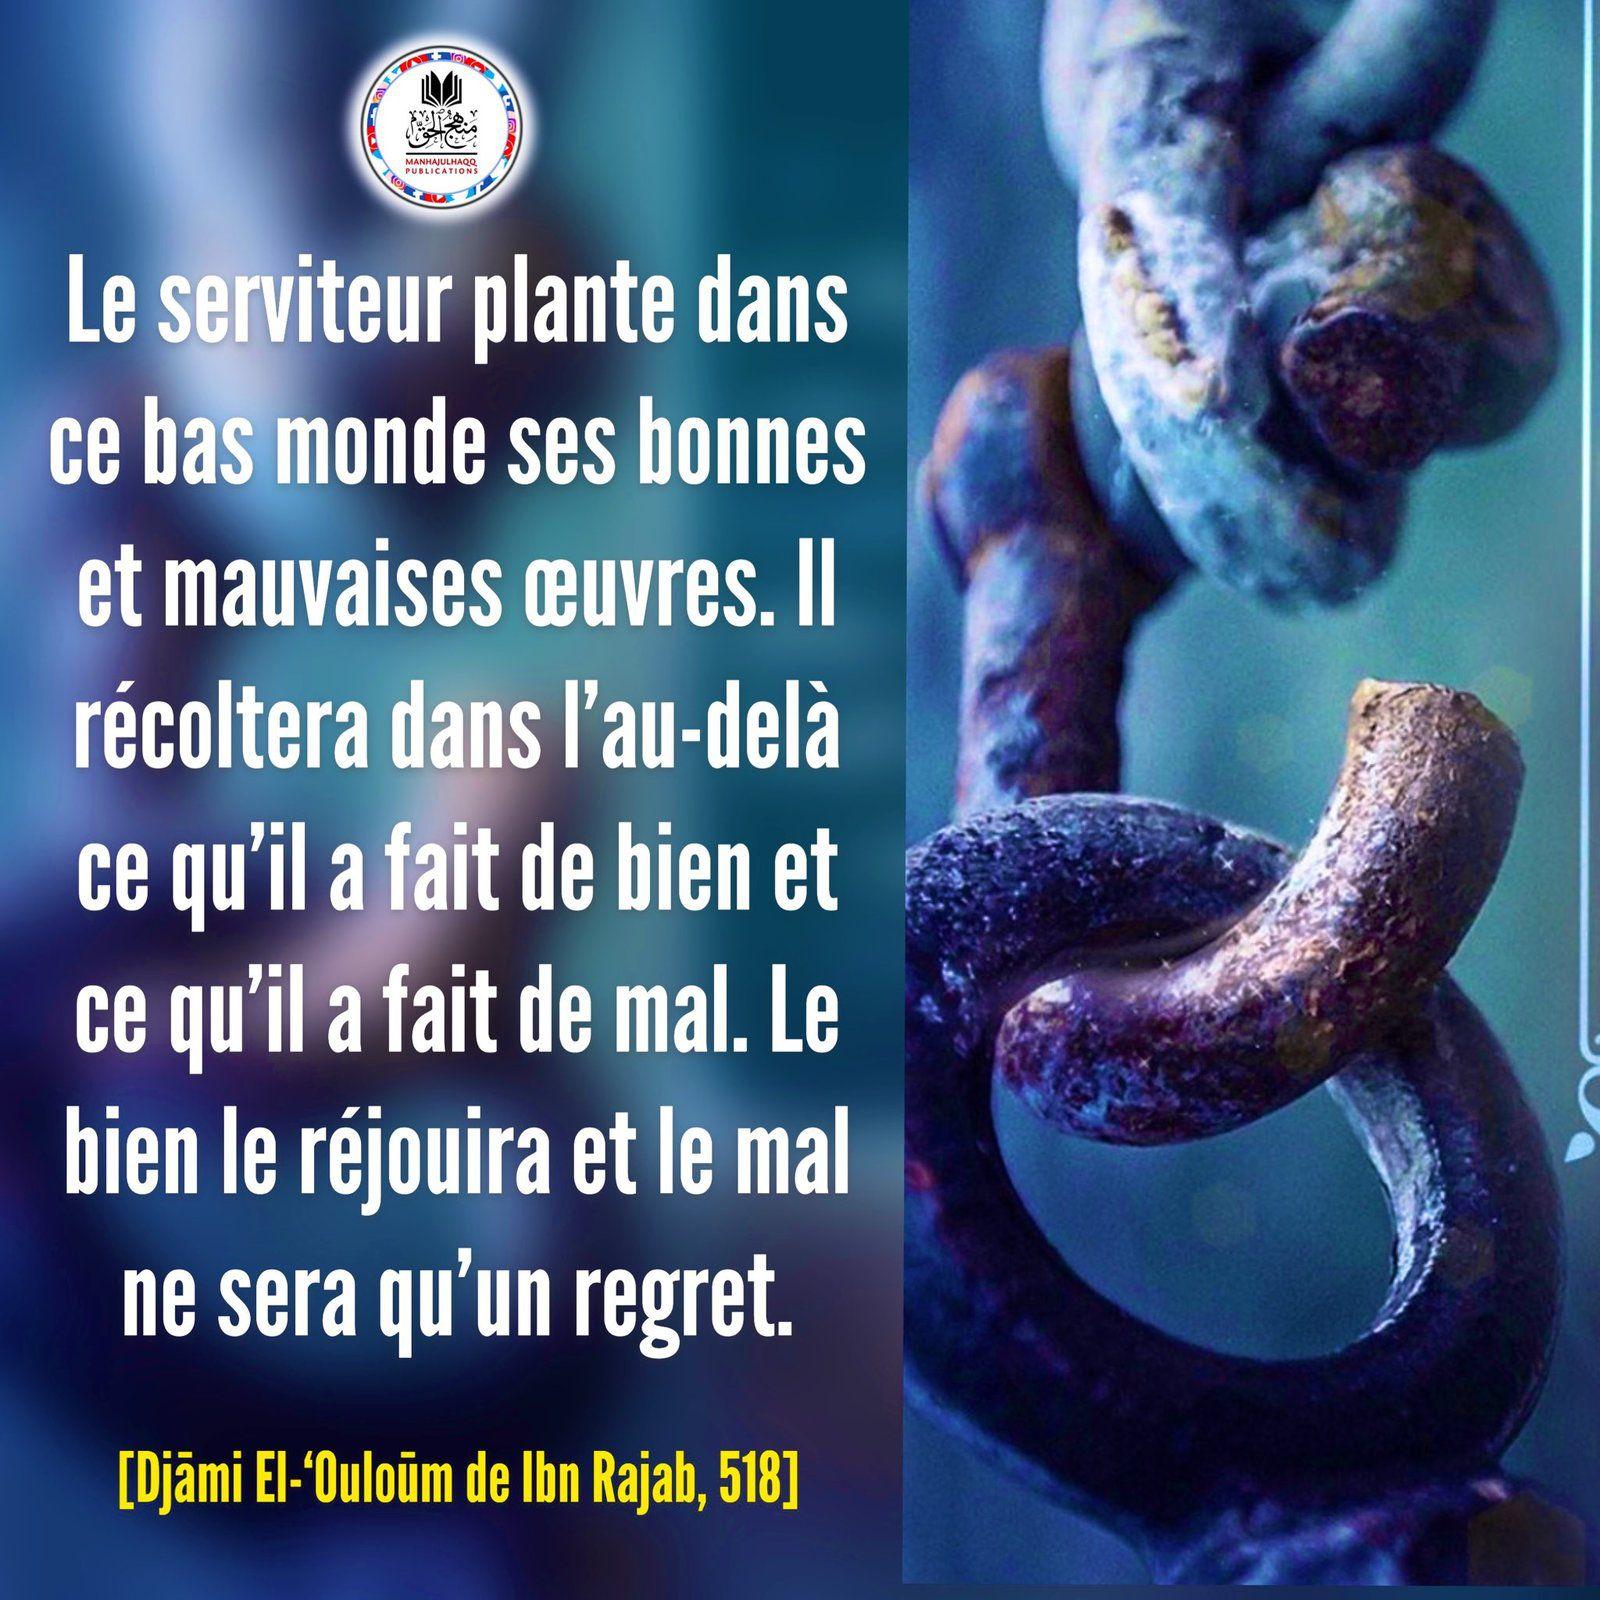 Le serviteur plante dans ce bas monde ses bonnes et mauvaises œuvres...